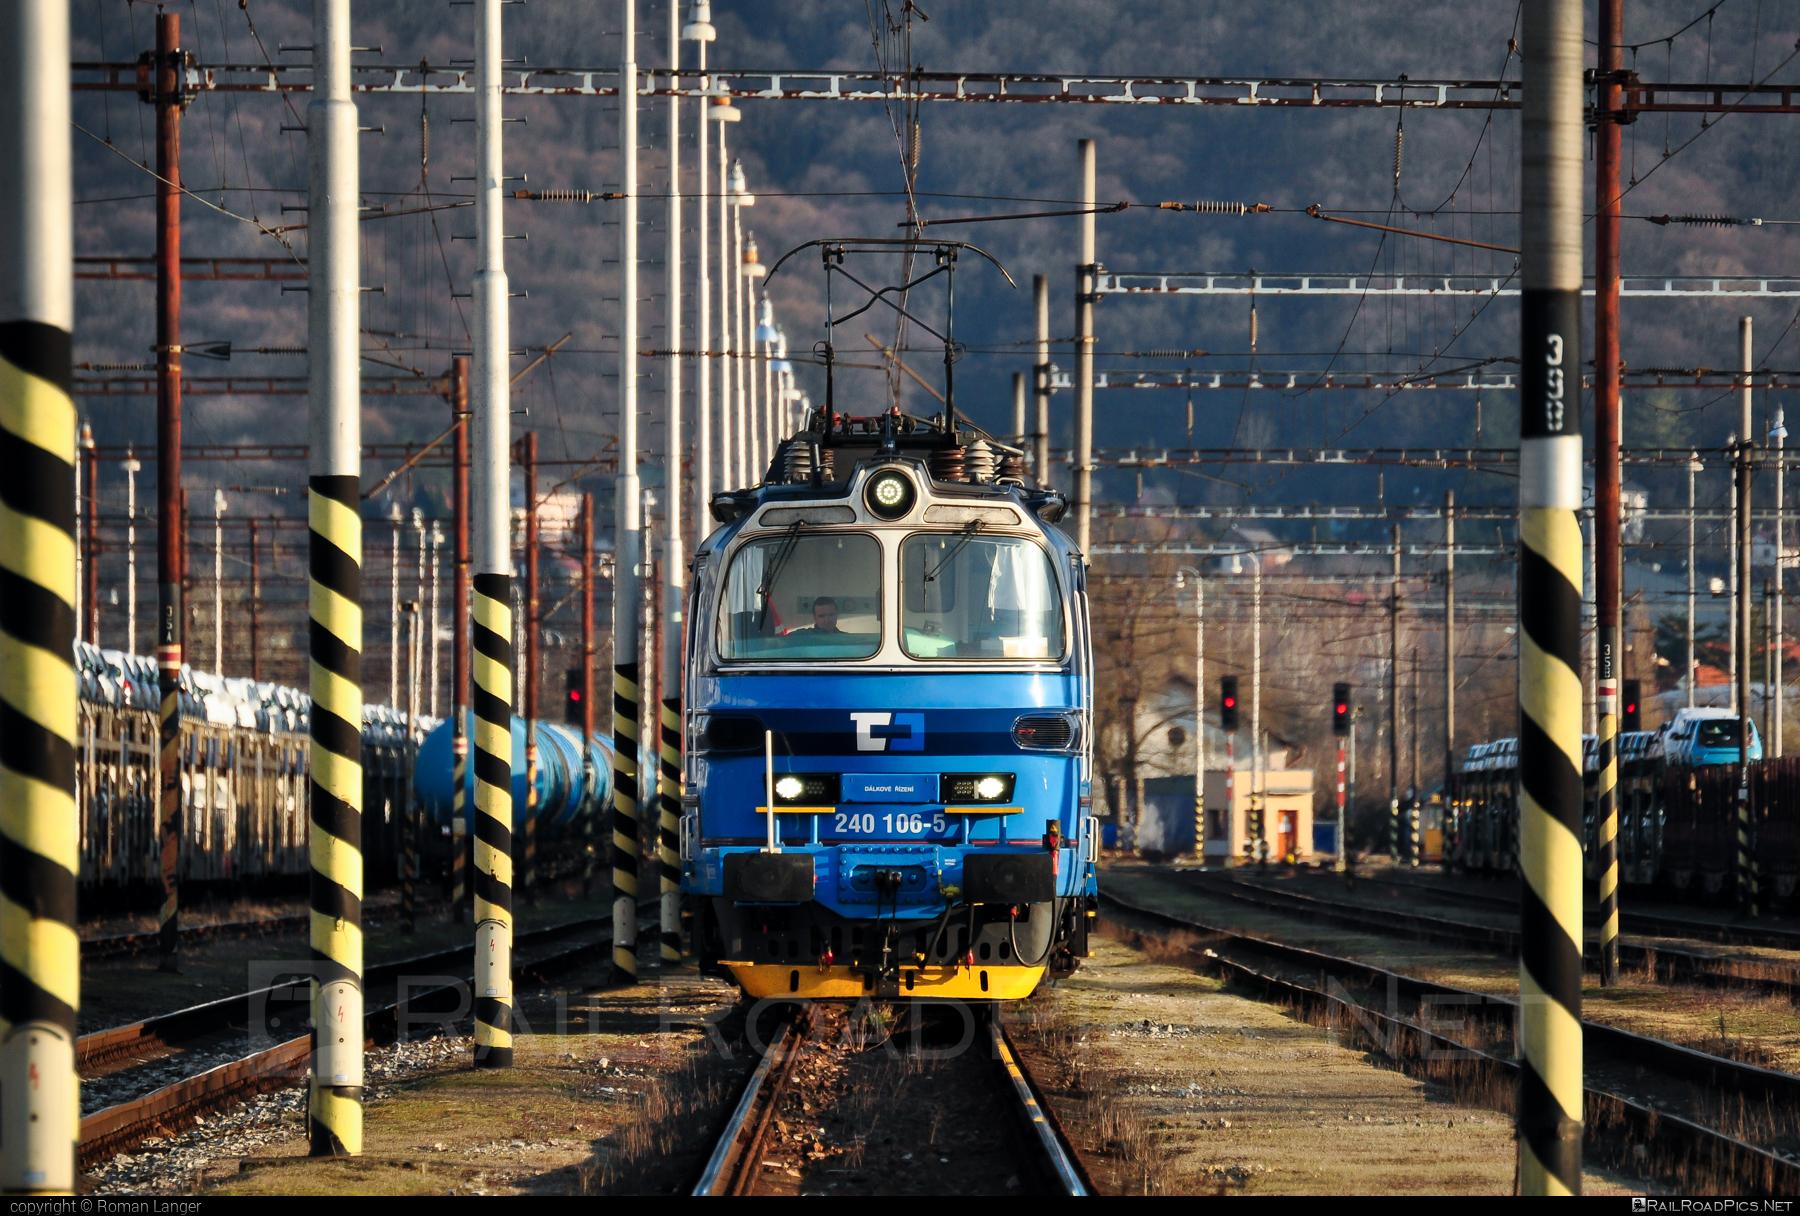 Škoda 47E - 240 106-5 operated by Železničná Spoločnost' Cargo Slovakia a.s. #ZeleznicnaSpolocnostCargoSlovakia #cdc #cdcargo #laminatka #locomotive240 #skoda #skoda47e #zsskcargo